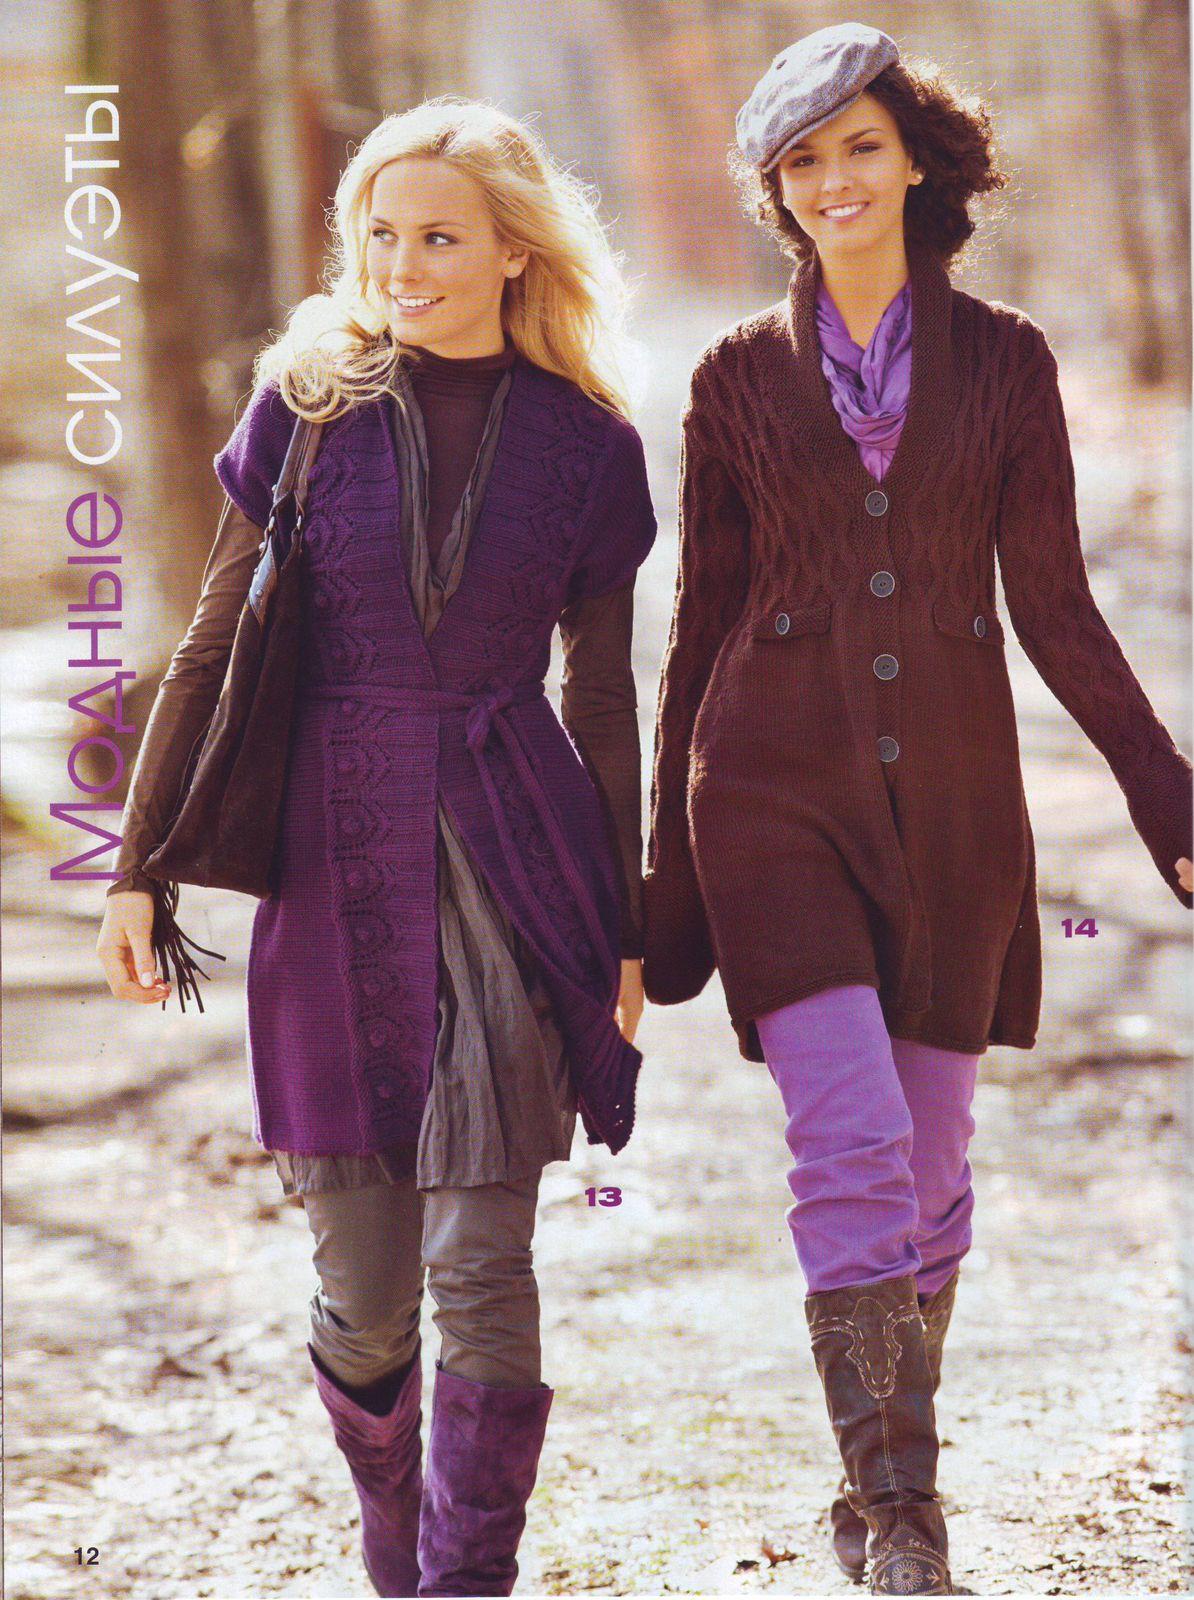 Скачать журнал справочник бухгалтера январь 2005 года. Скачать журнал